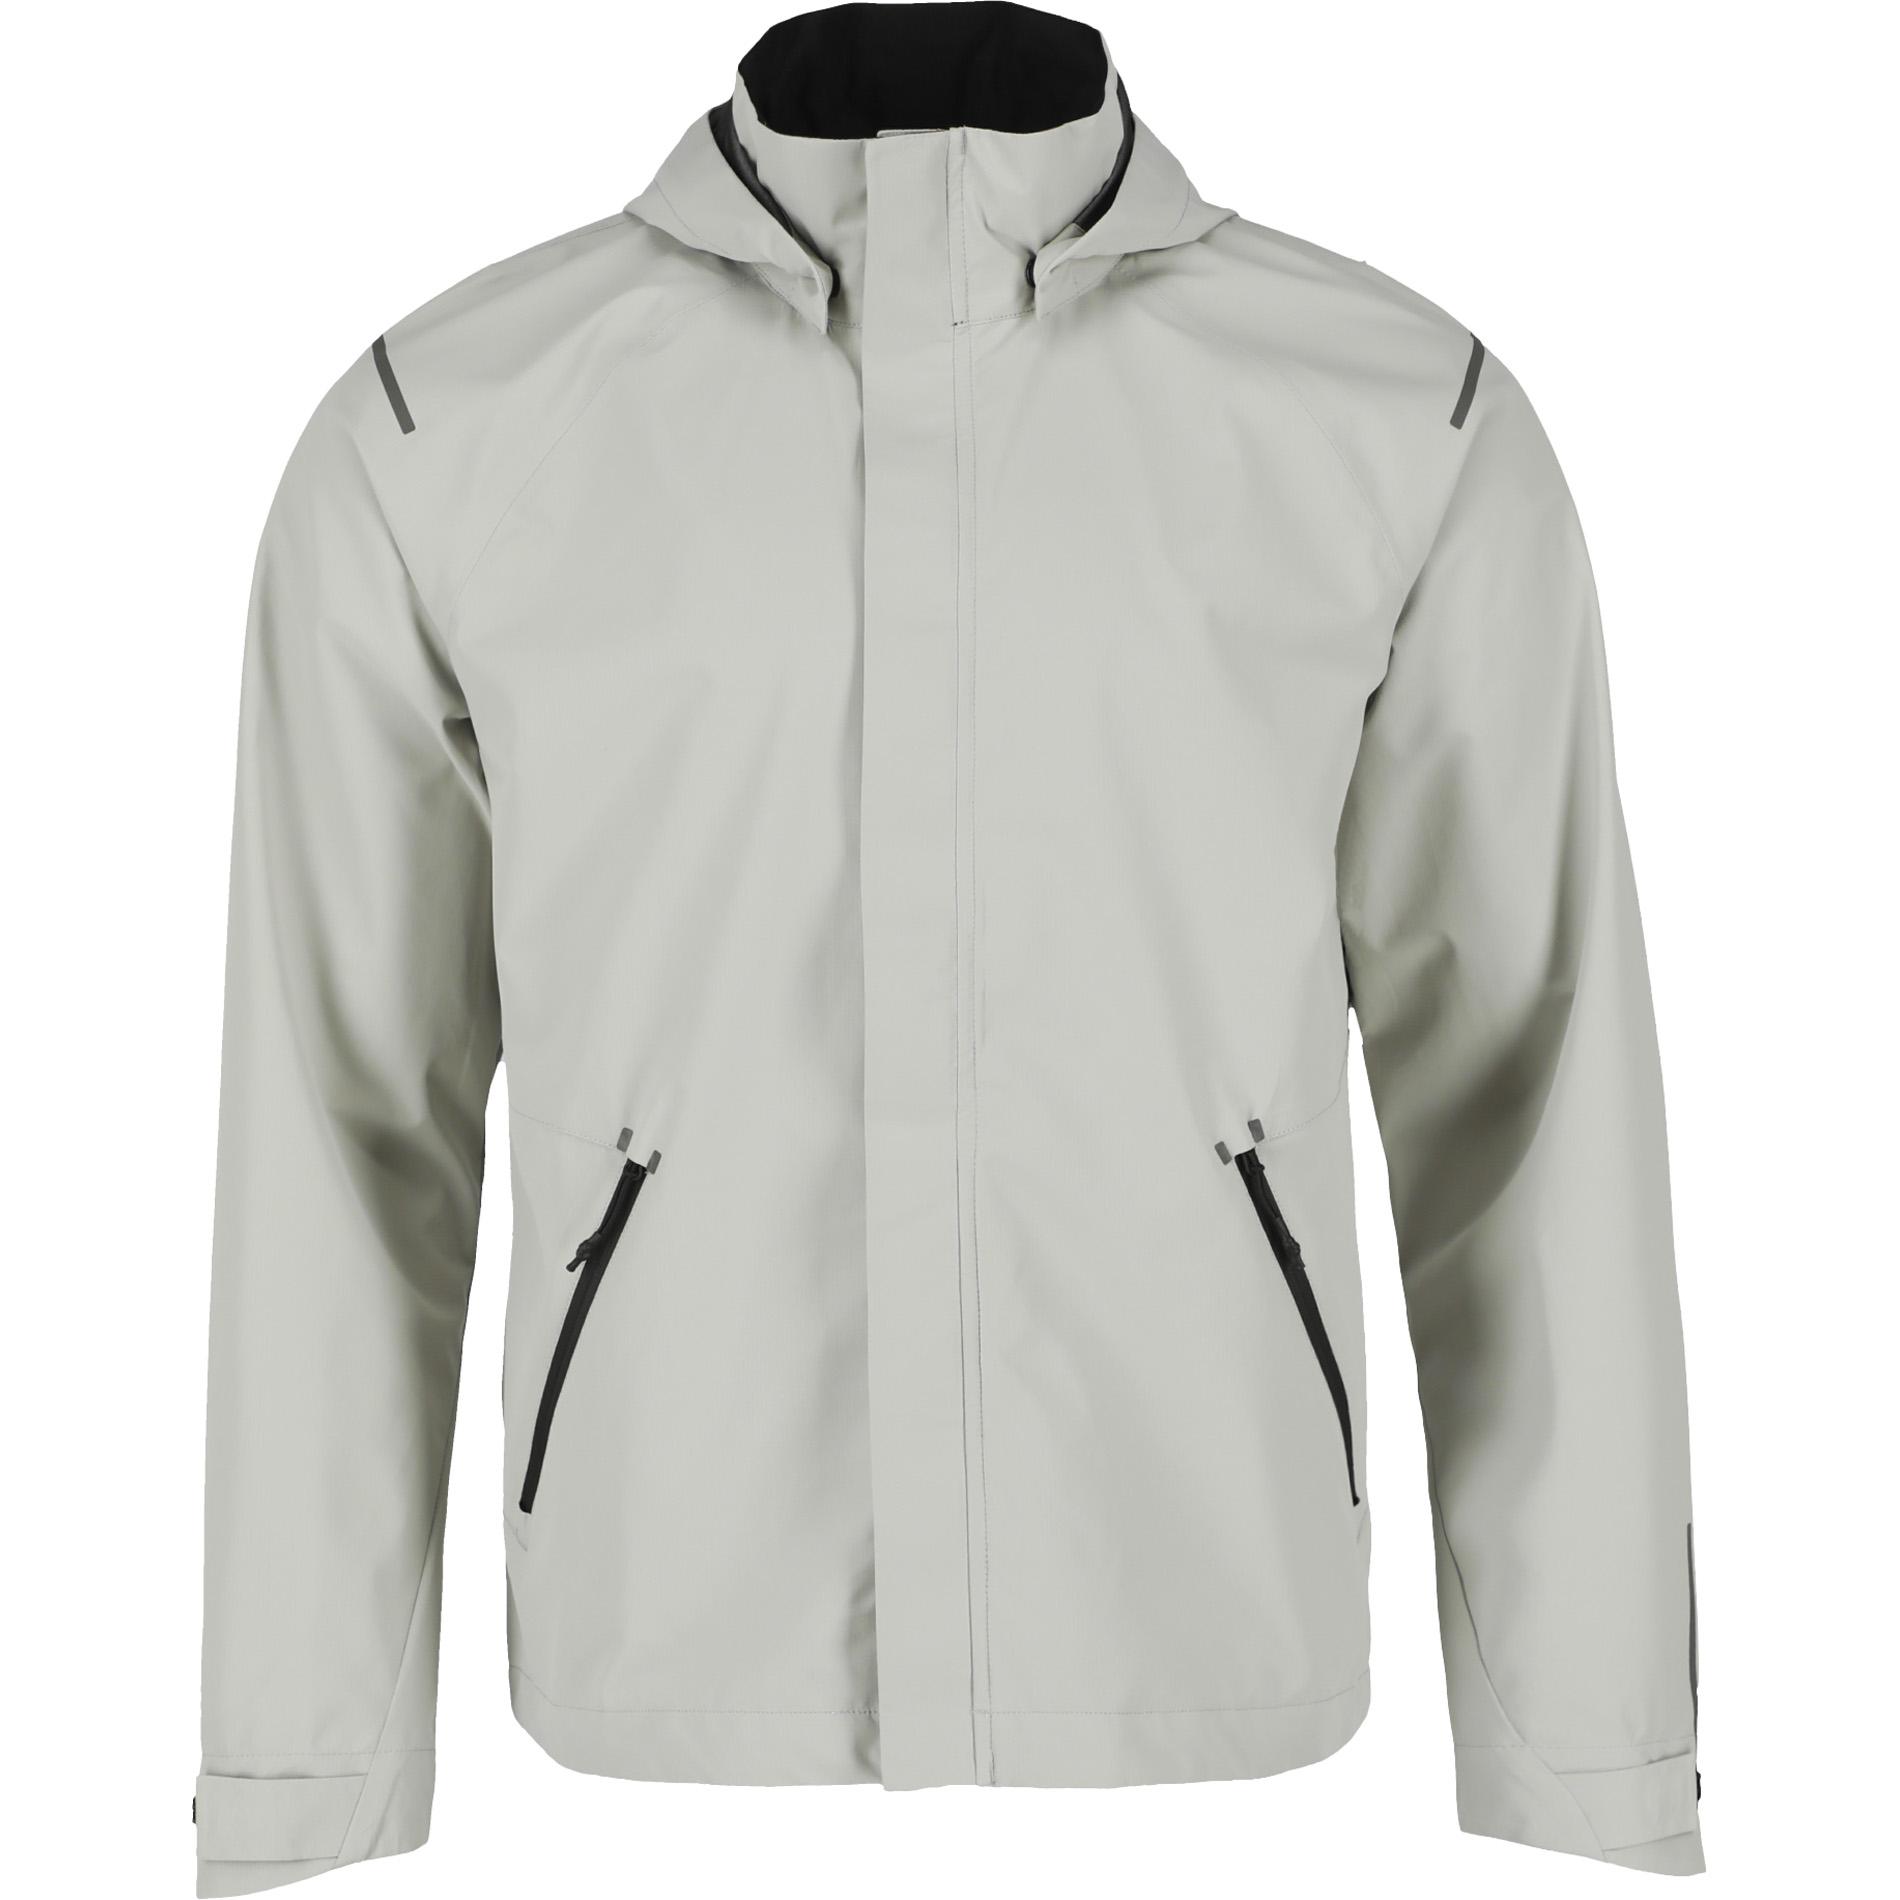 Elevate TM12938 - Men's GEARHART Softshell Jacket